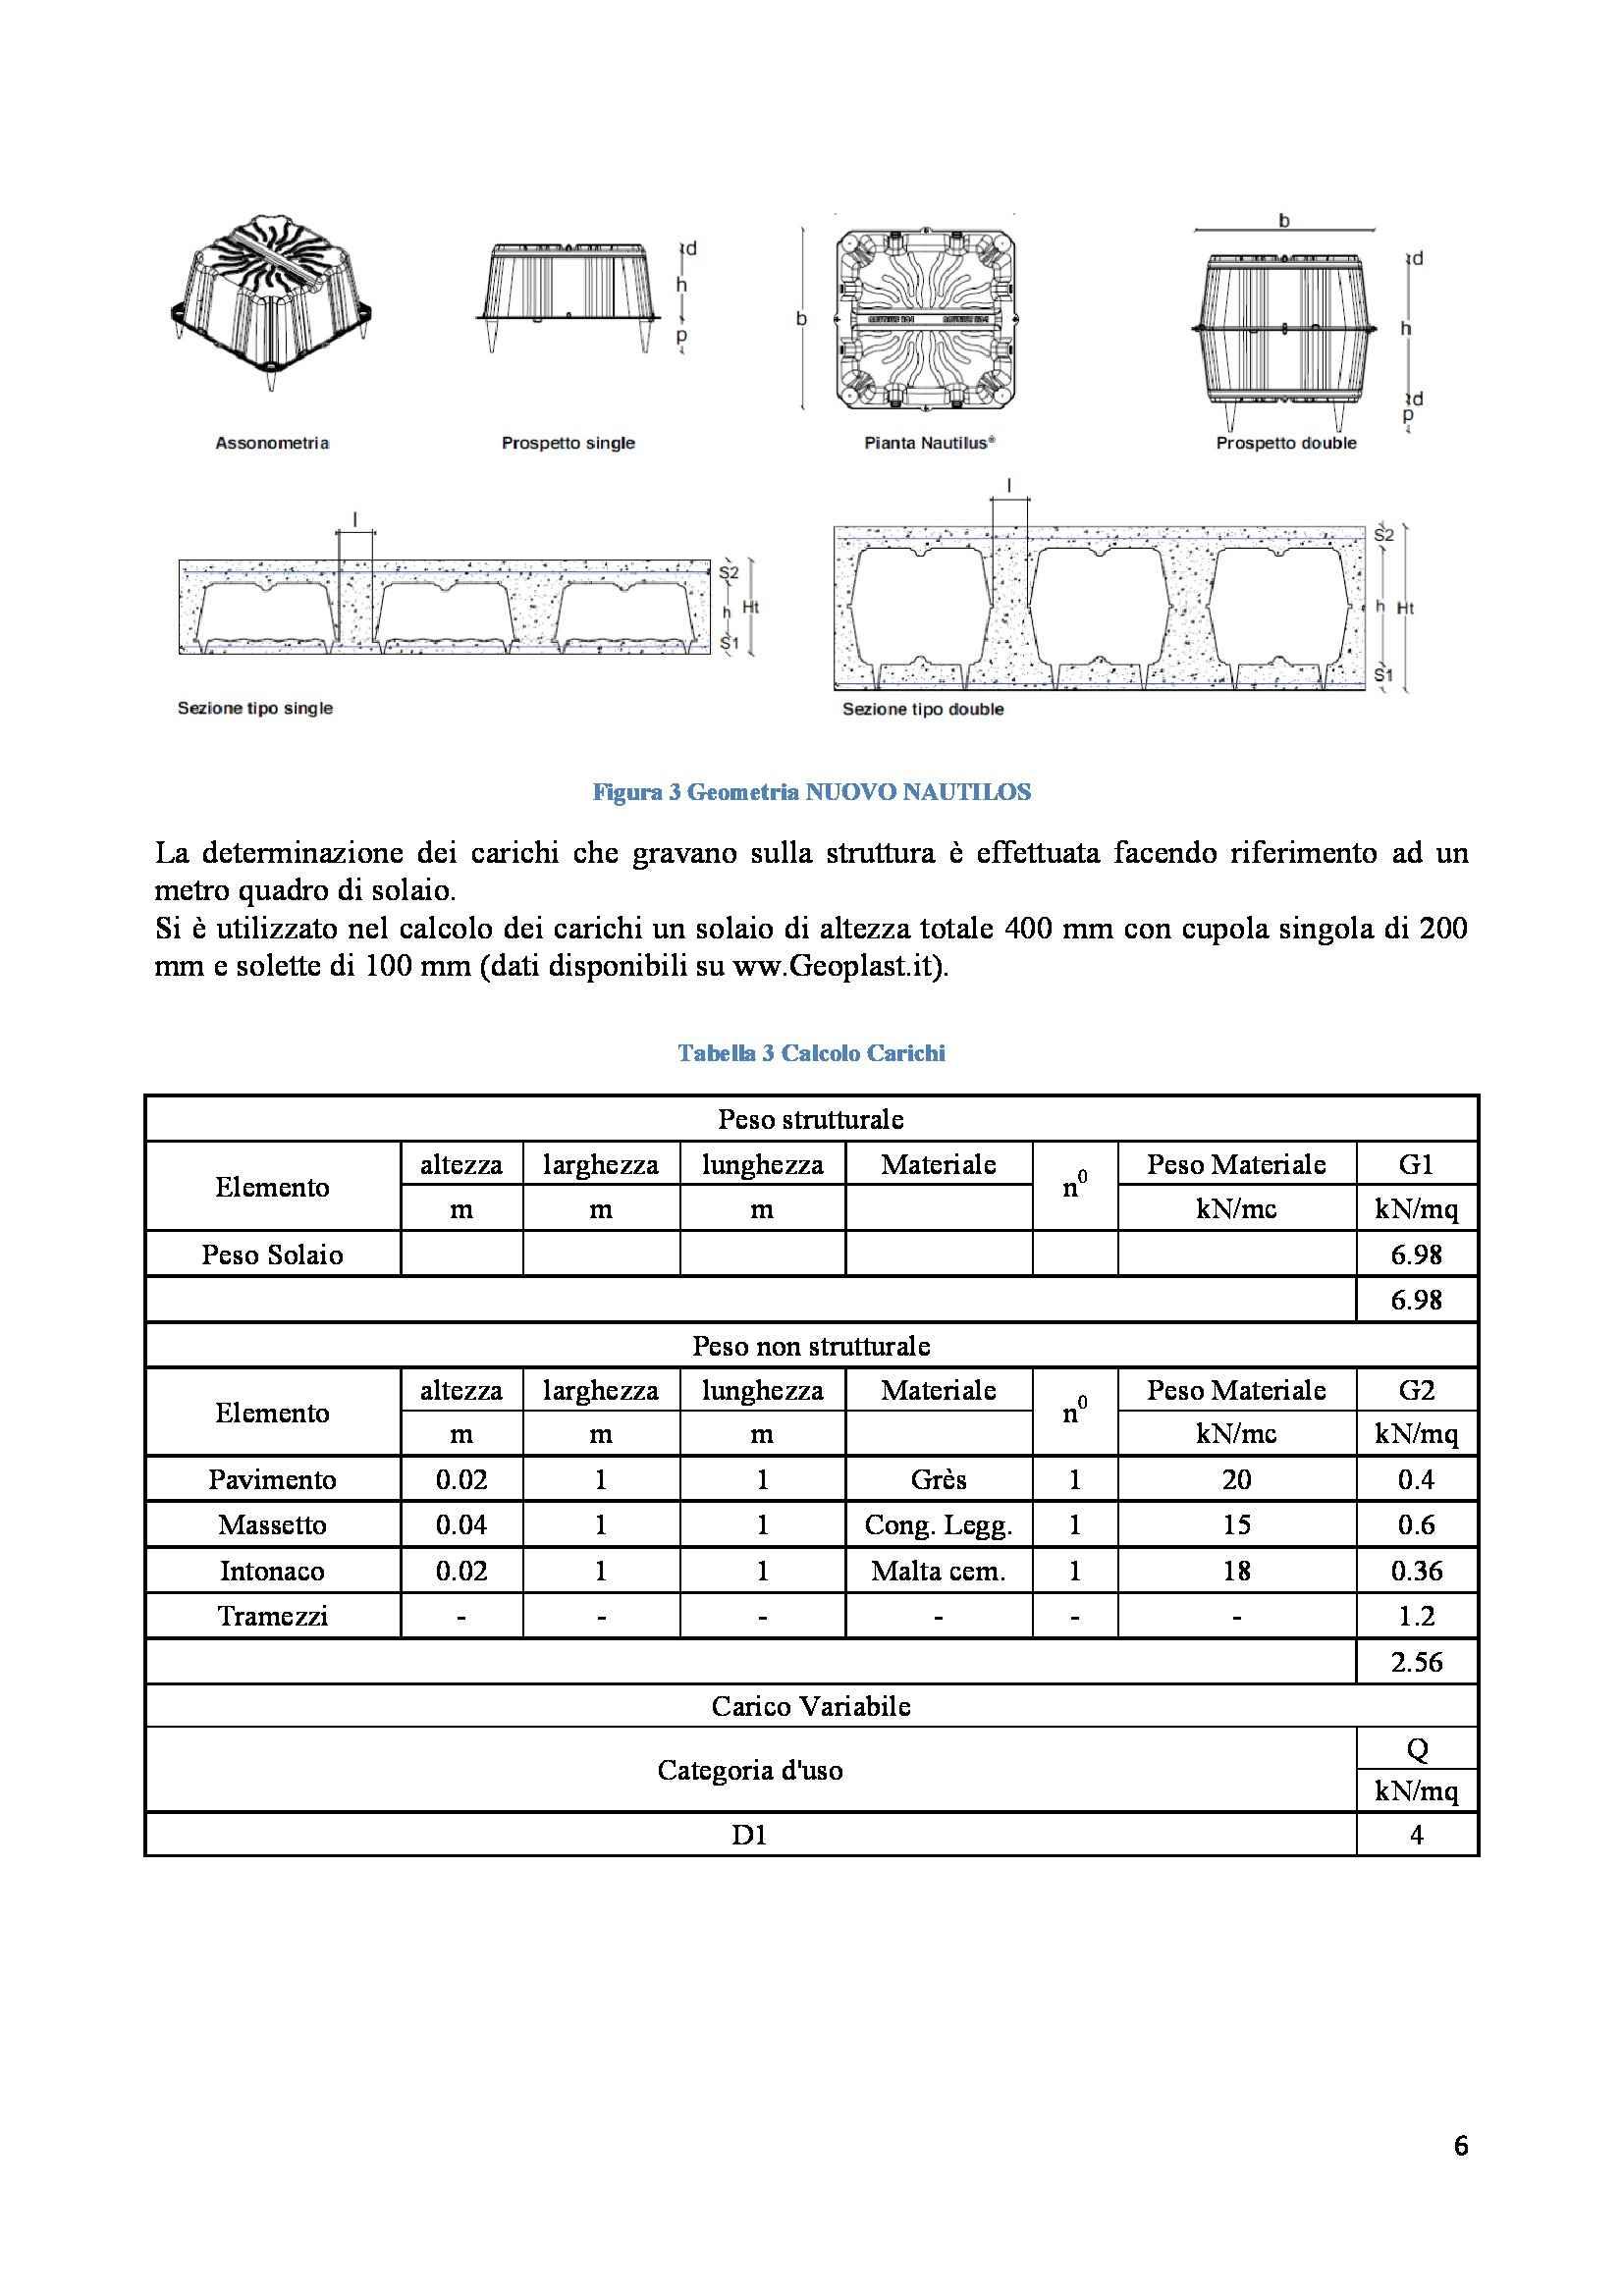 Progetto di strutture - progetto di un solaio bidirezionale in cemento armato Pag. 6